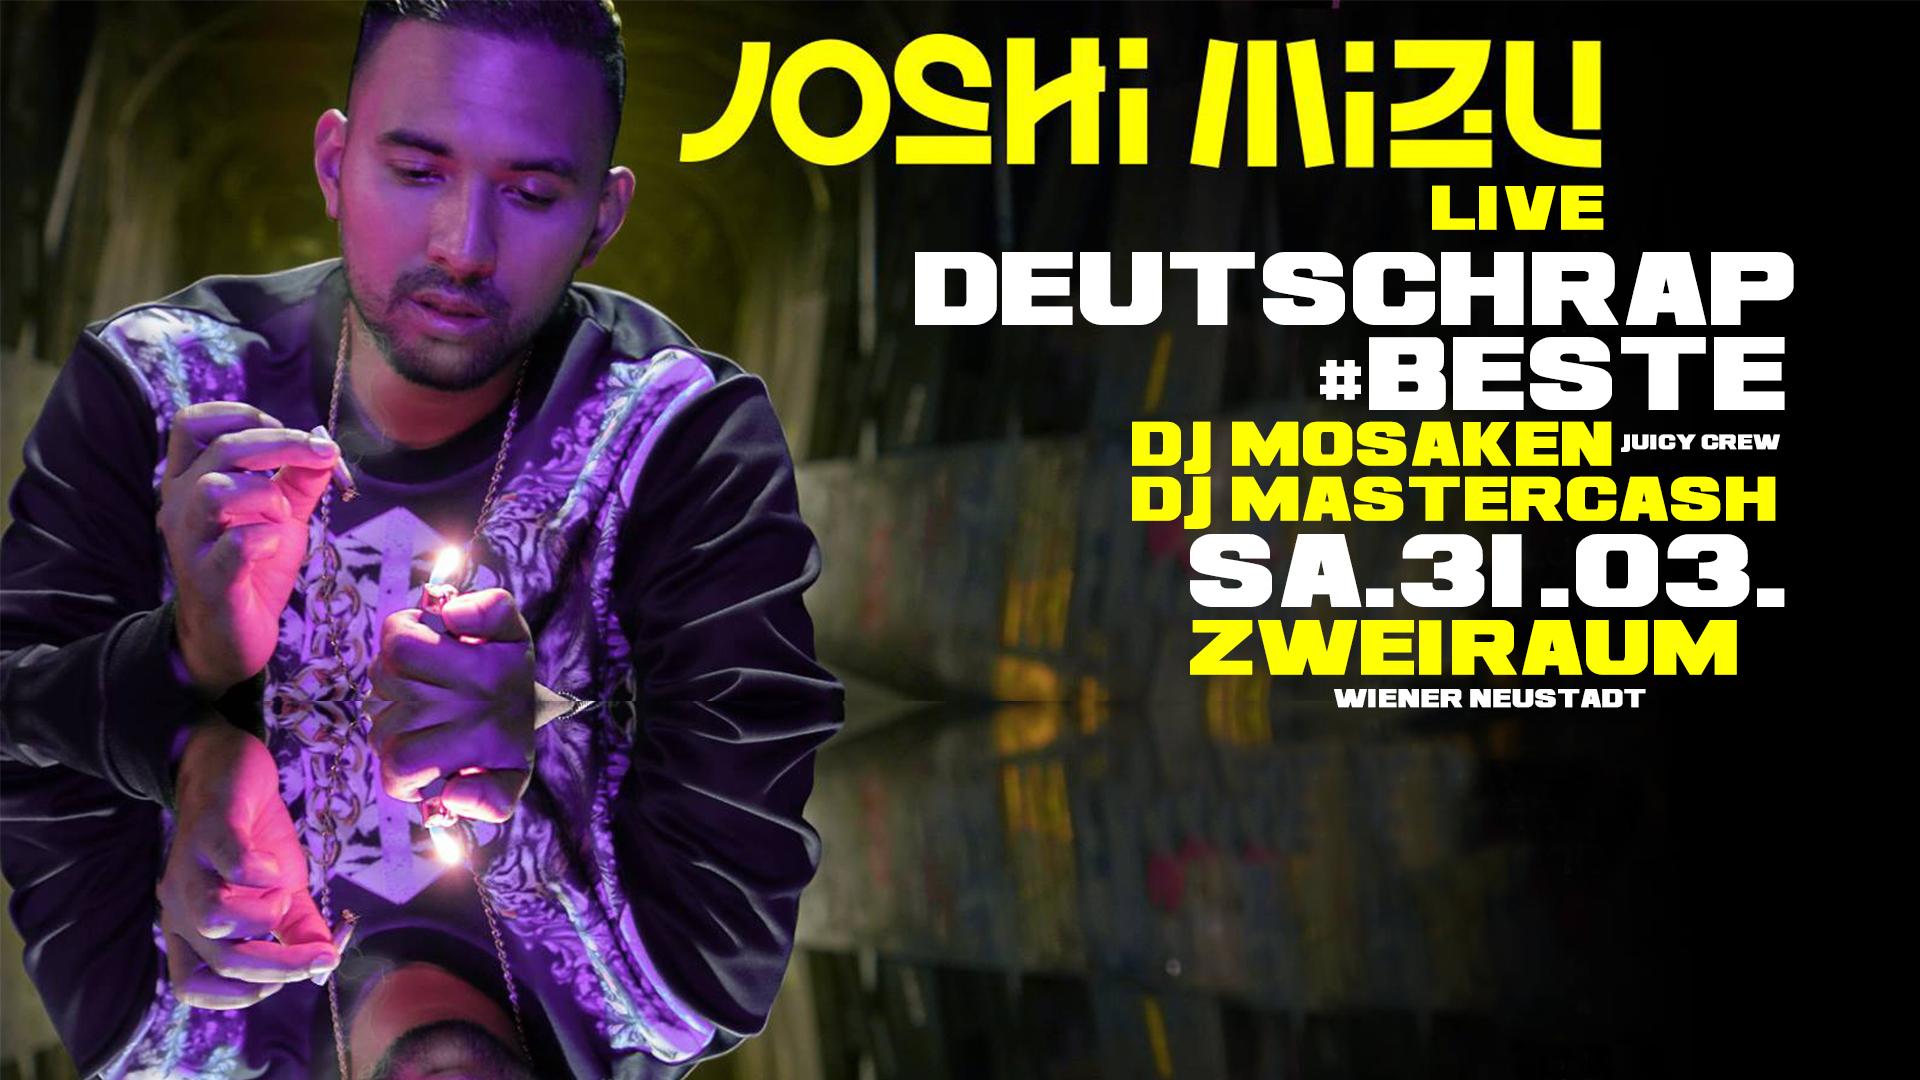 Deutschrap #beste mit Joshi Mizu